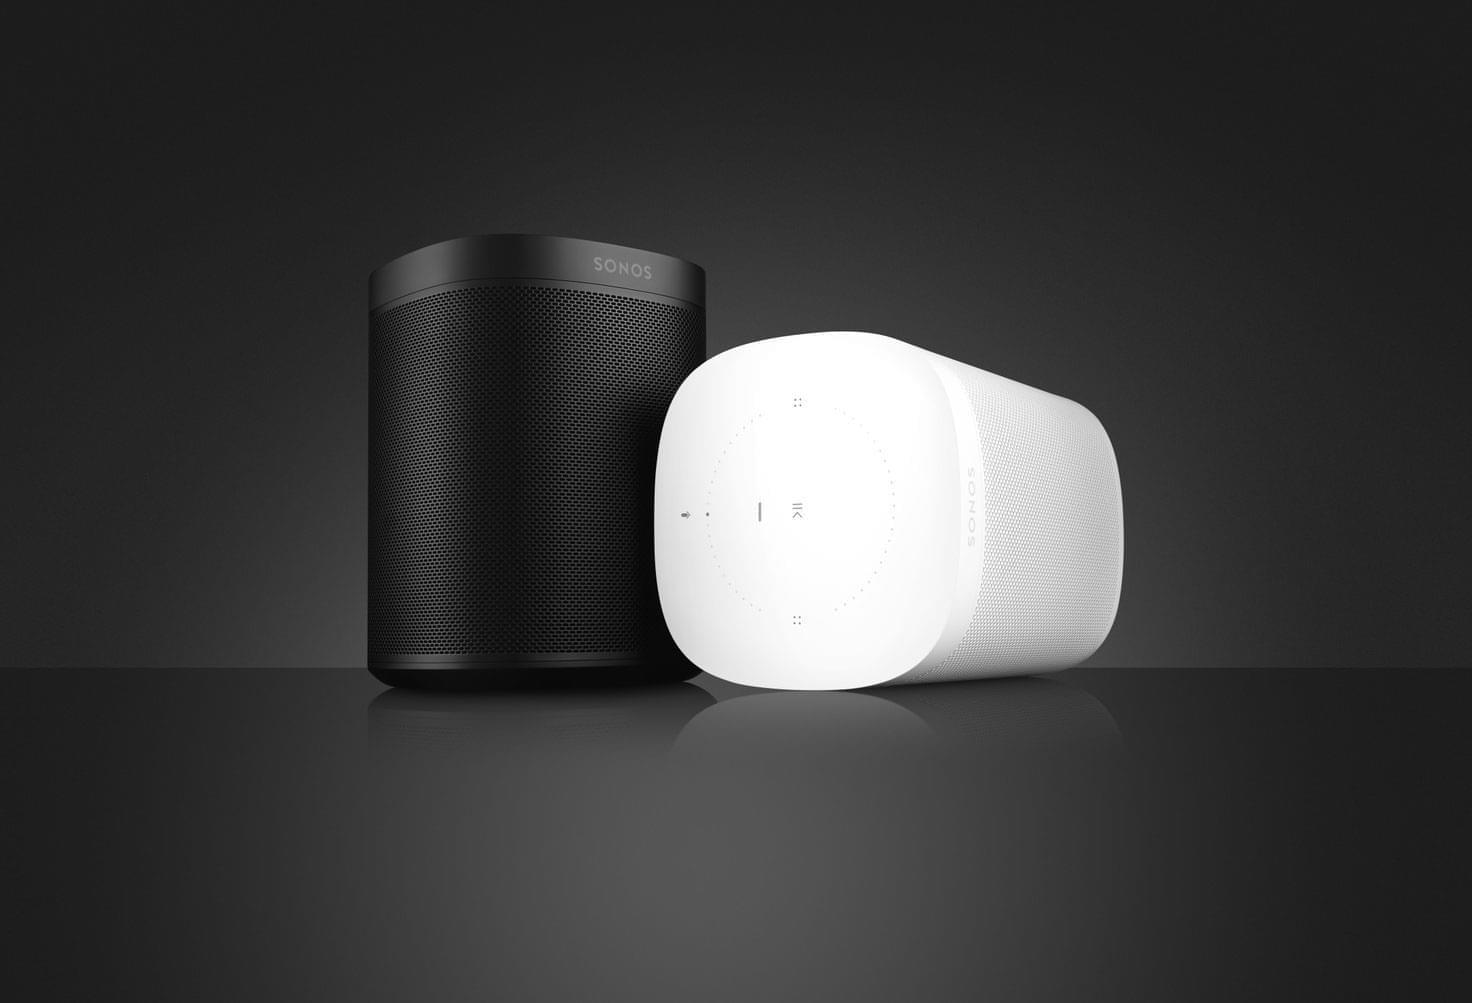 Sonos One智能音响在中国发布:售价1680元